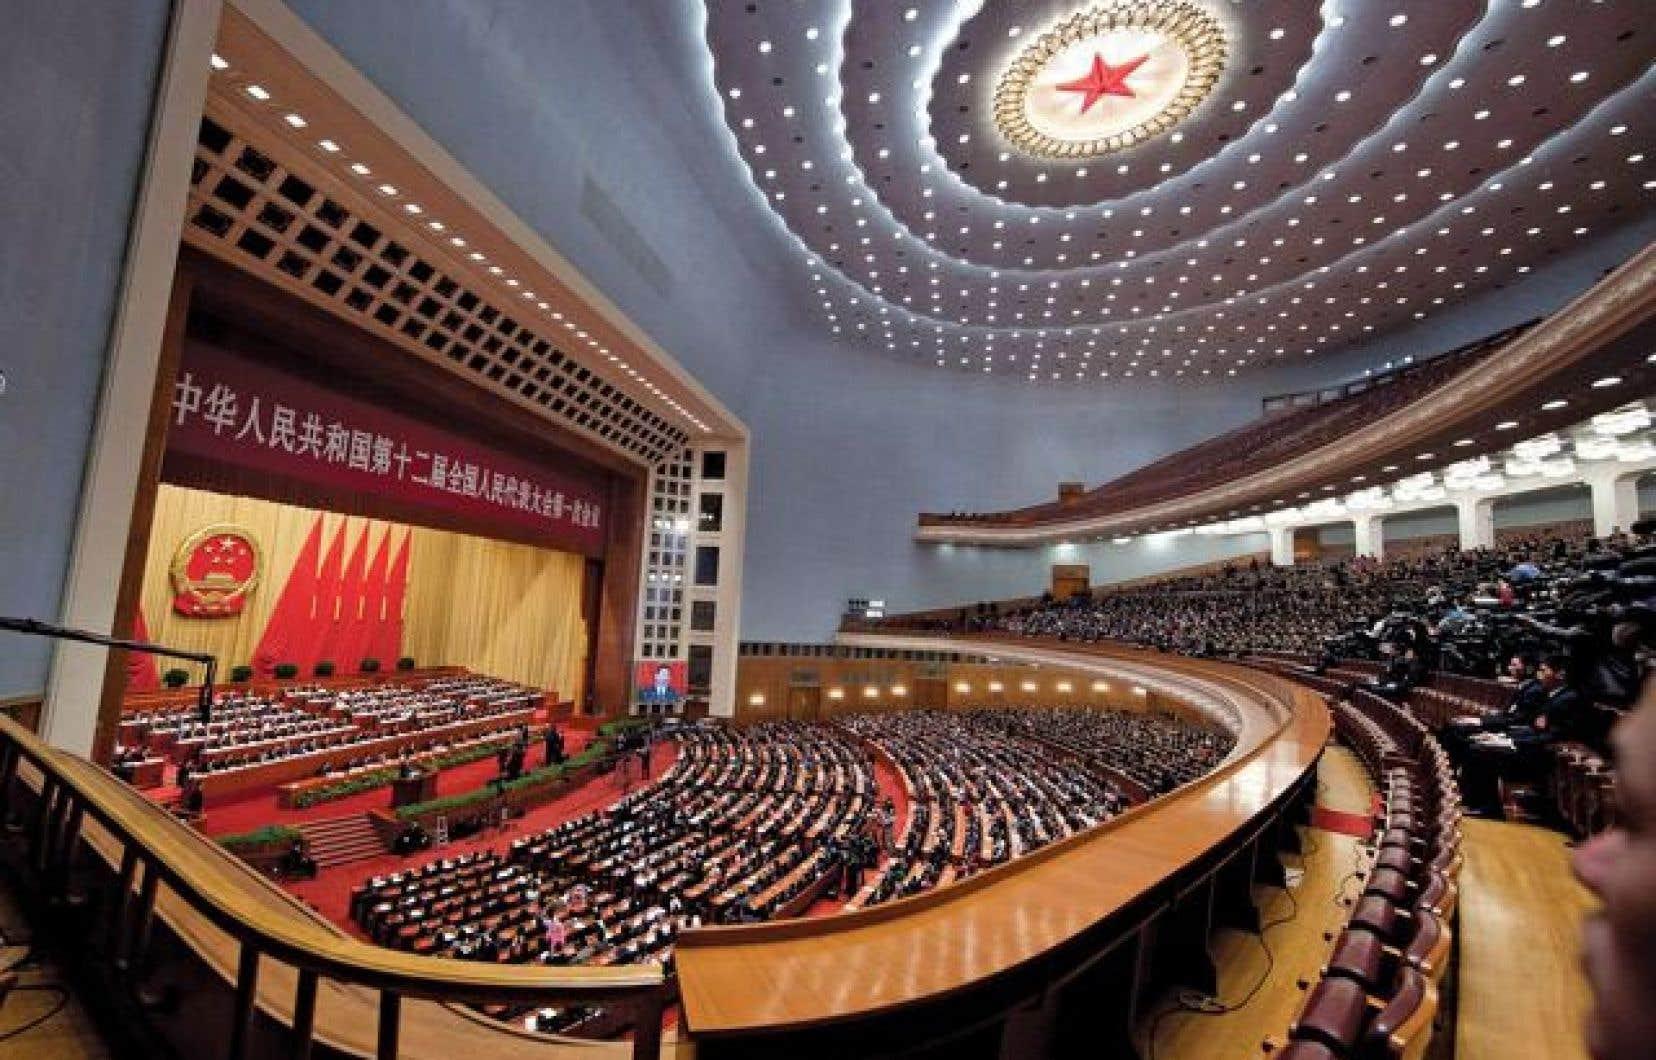 Les dirigeants et les délégués du Parti communiste chinois applaudissaient le nouveau président chinois, Xi Jinping, à l'issue d'un discours appelant notamment à une amélioration de la capacité de l'armée à « remporter des combats ».